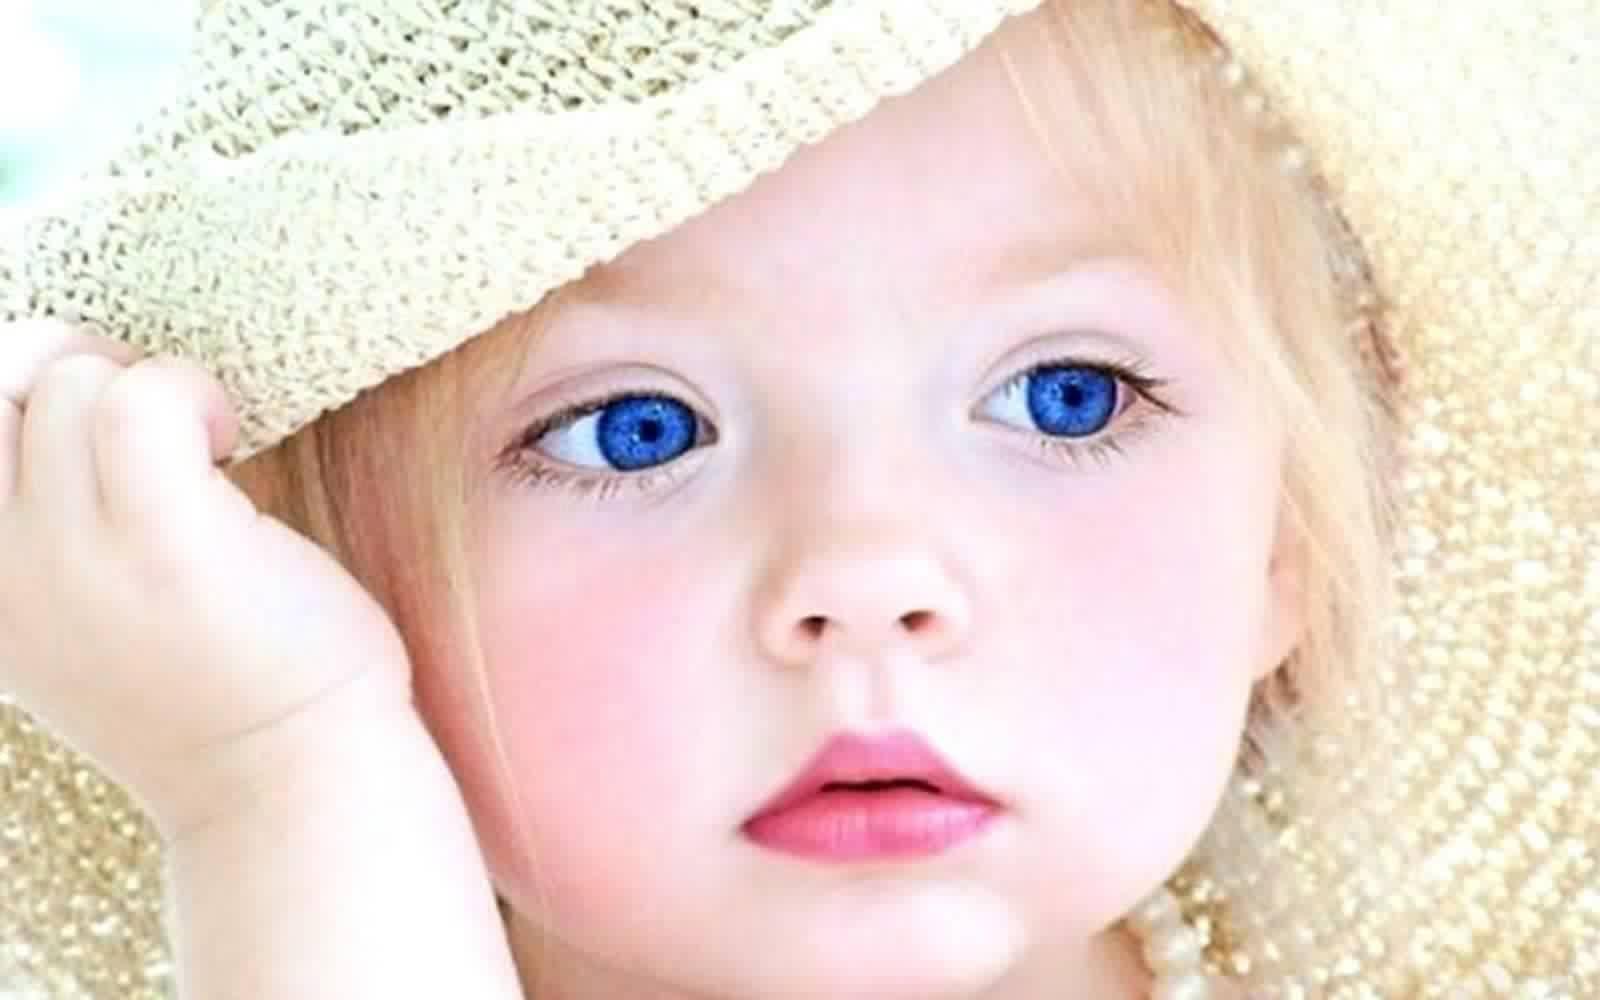 بالصور اطفال صغار حلوين , احلي صور للاطفال تحفة 6719 3